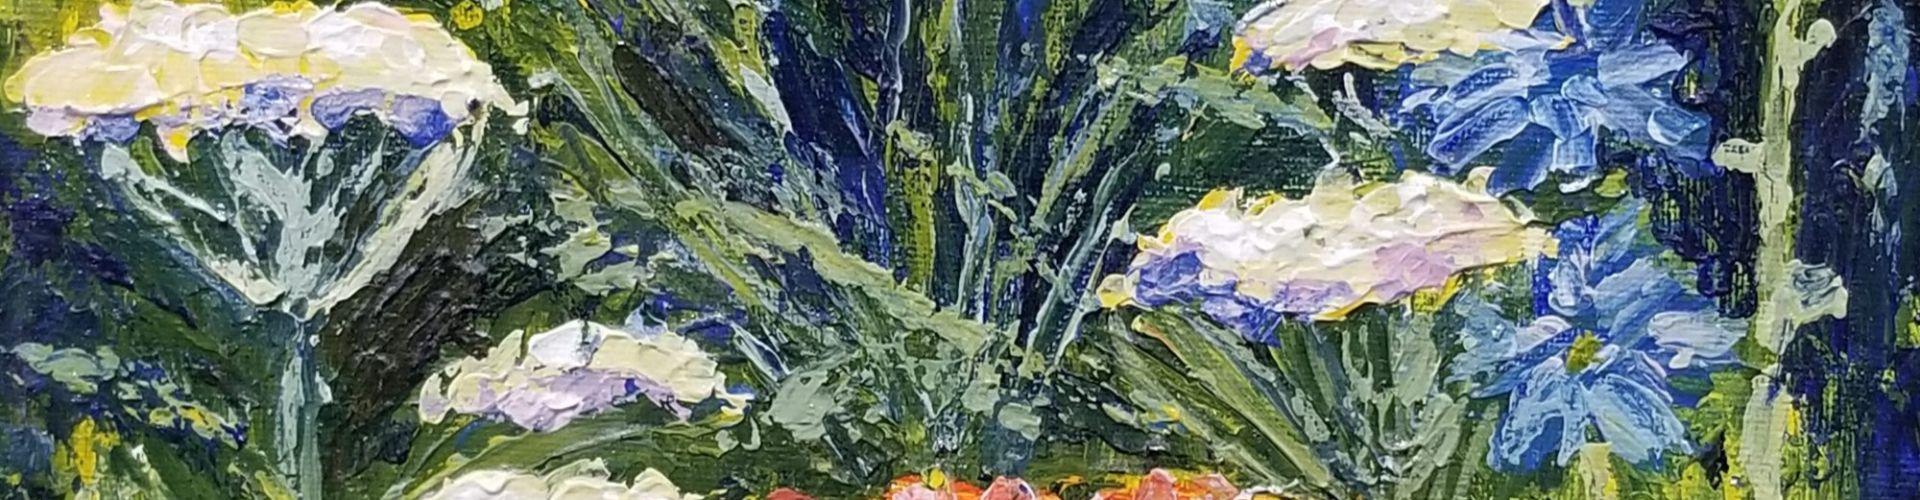 Meadow Flowers painting by Linda Lovisa